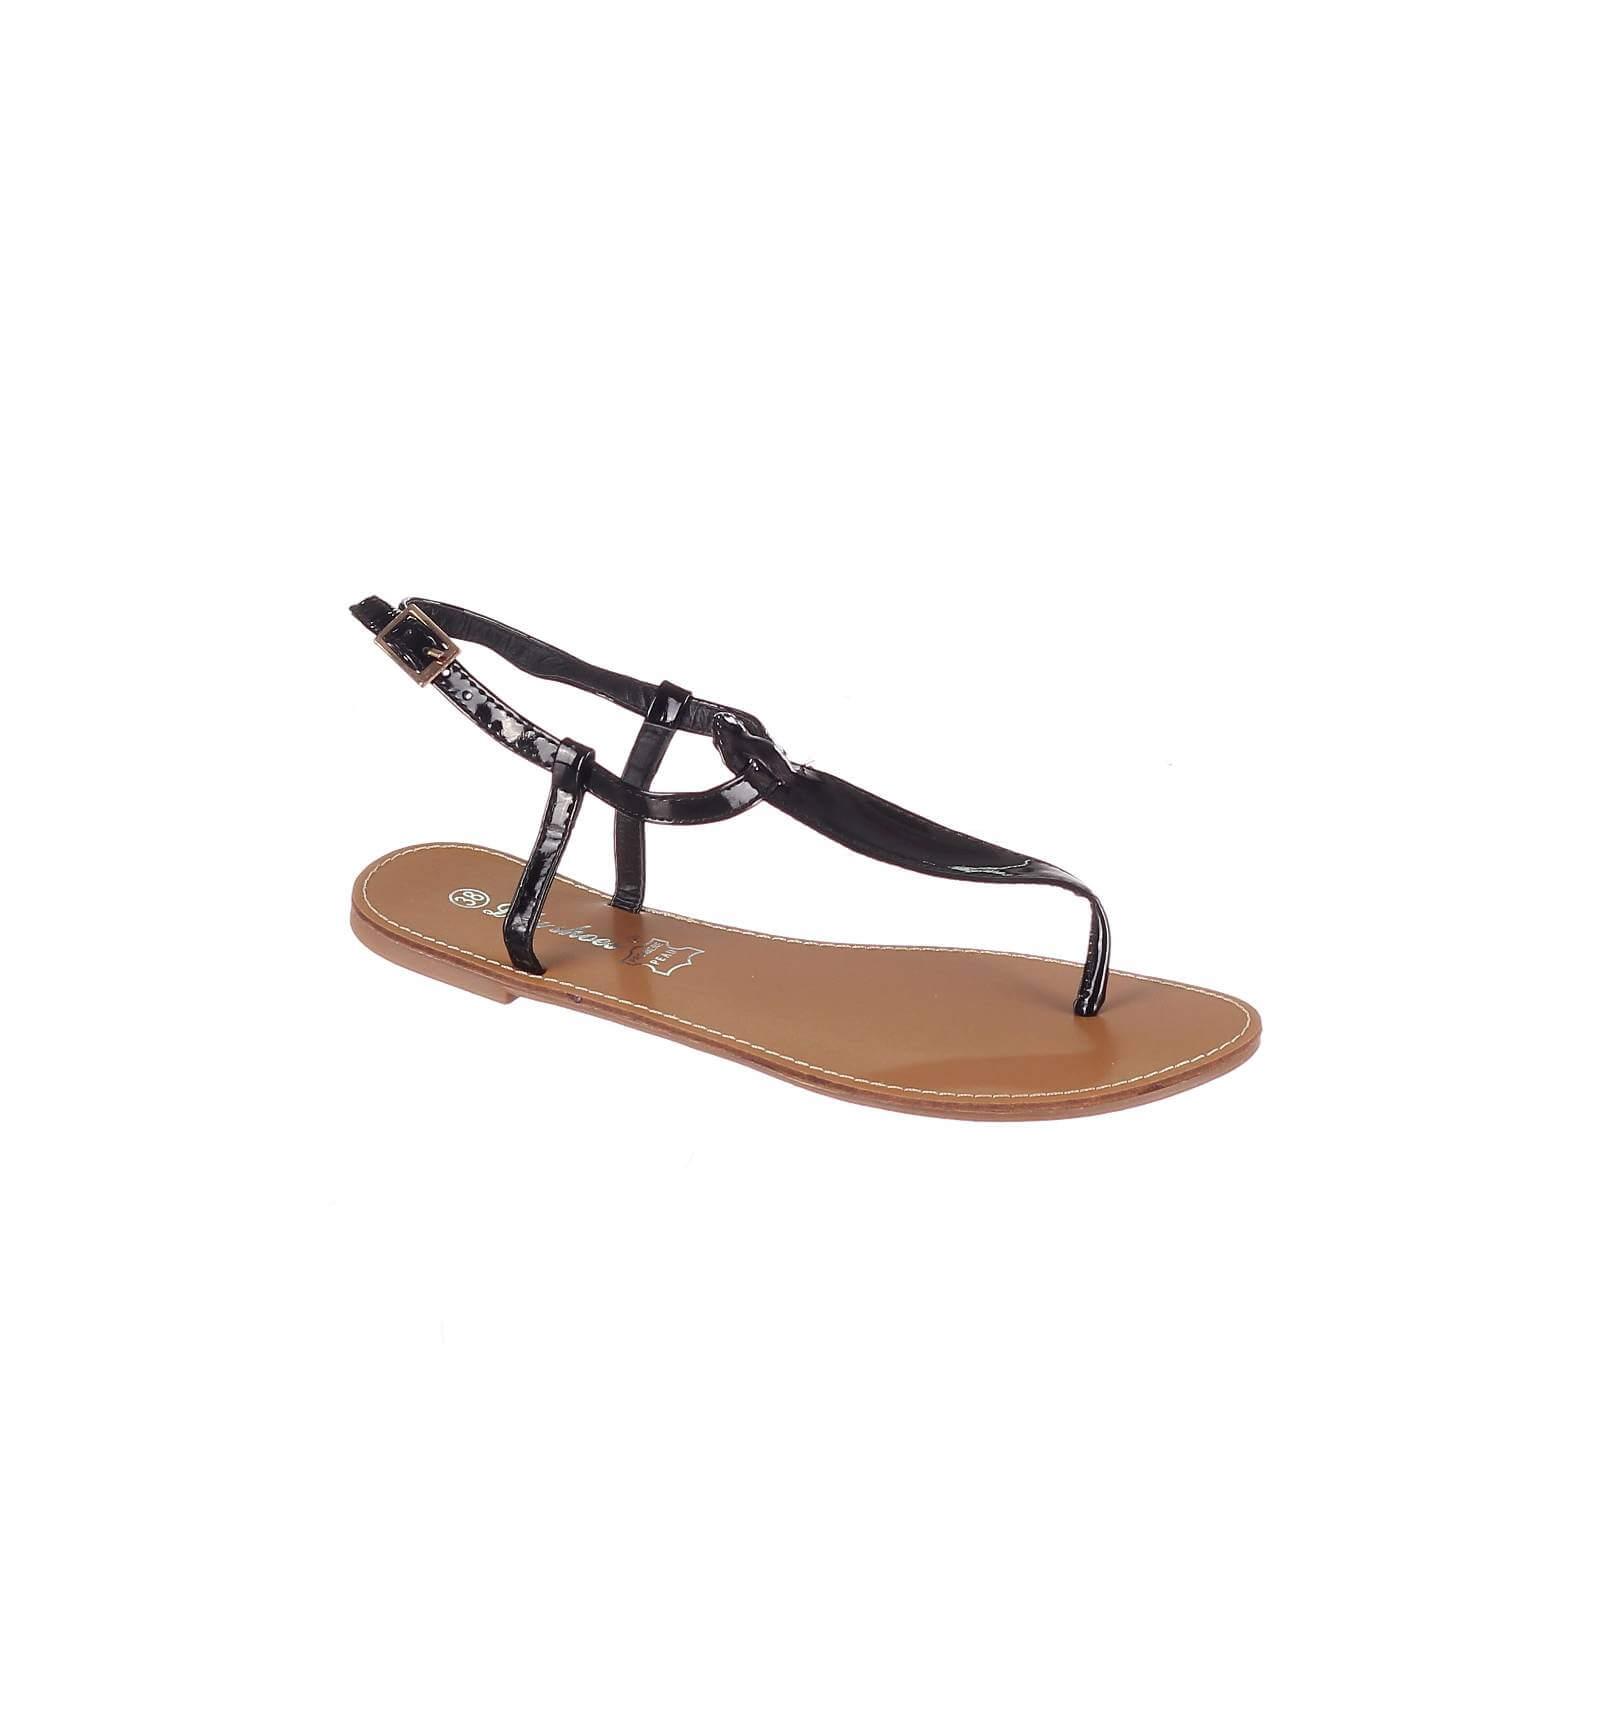 nouveau produit 06522 e7154 Sandales femme plates noires vernies IBIZA